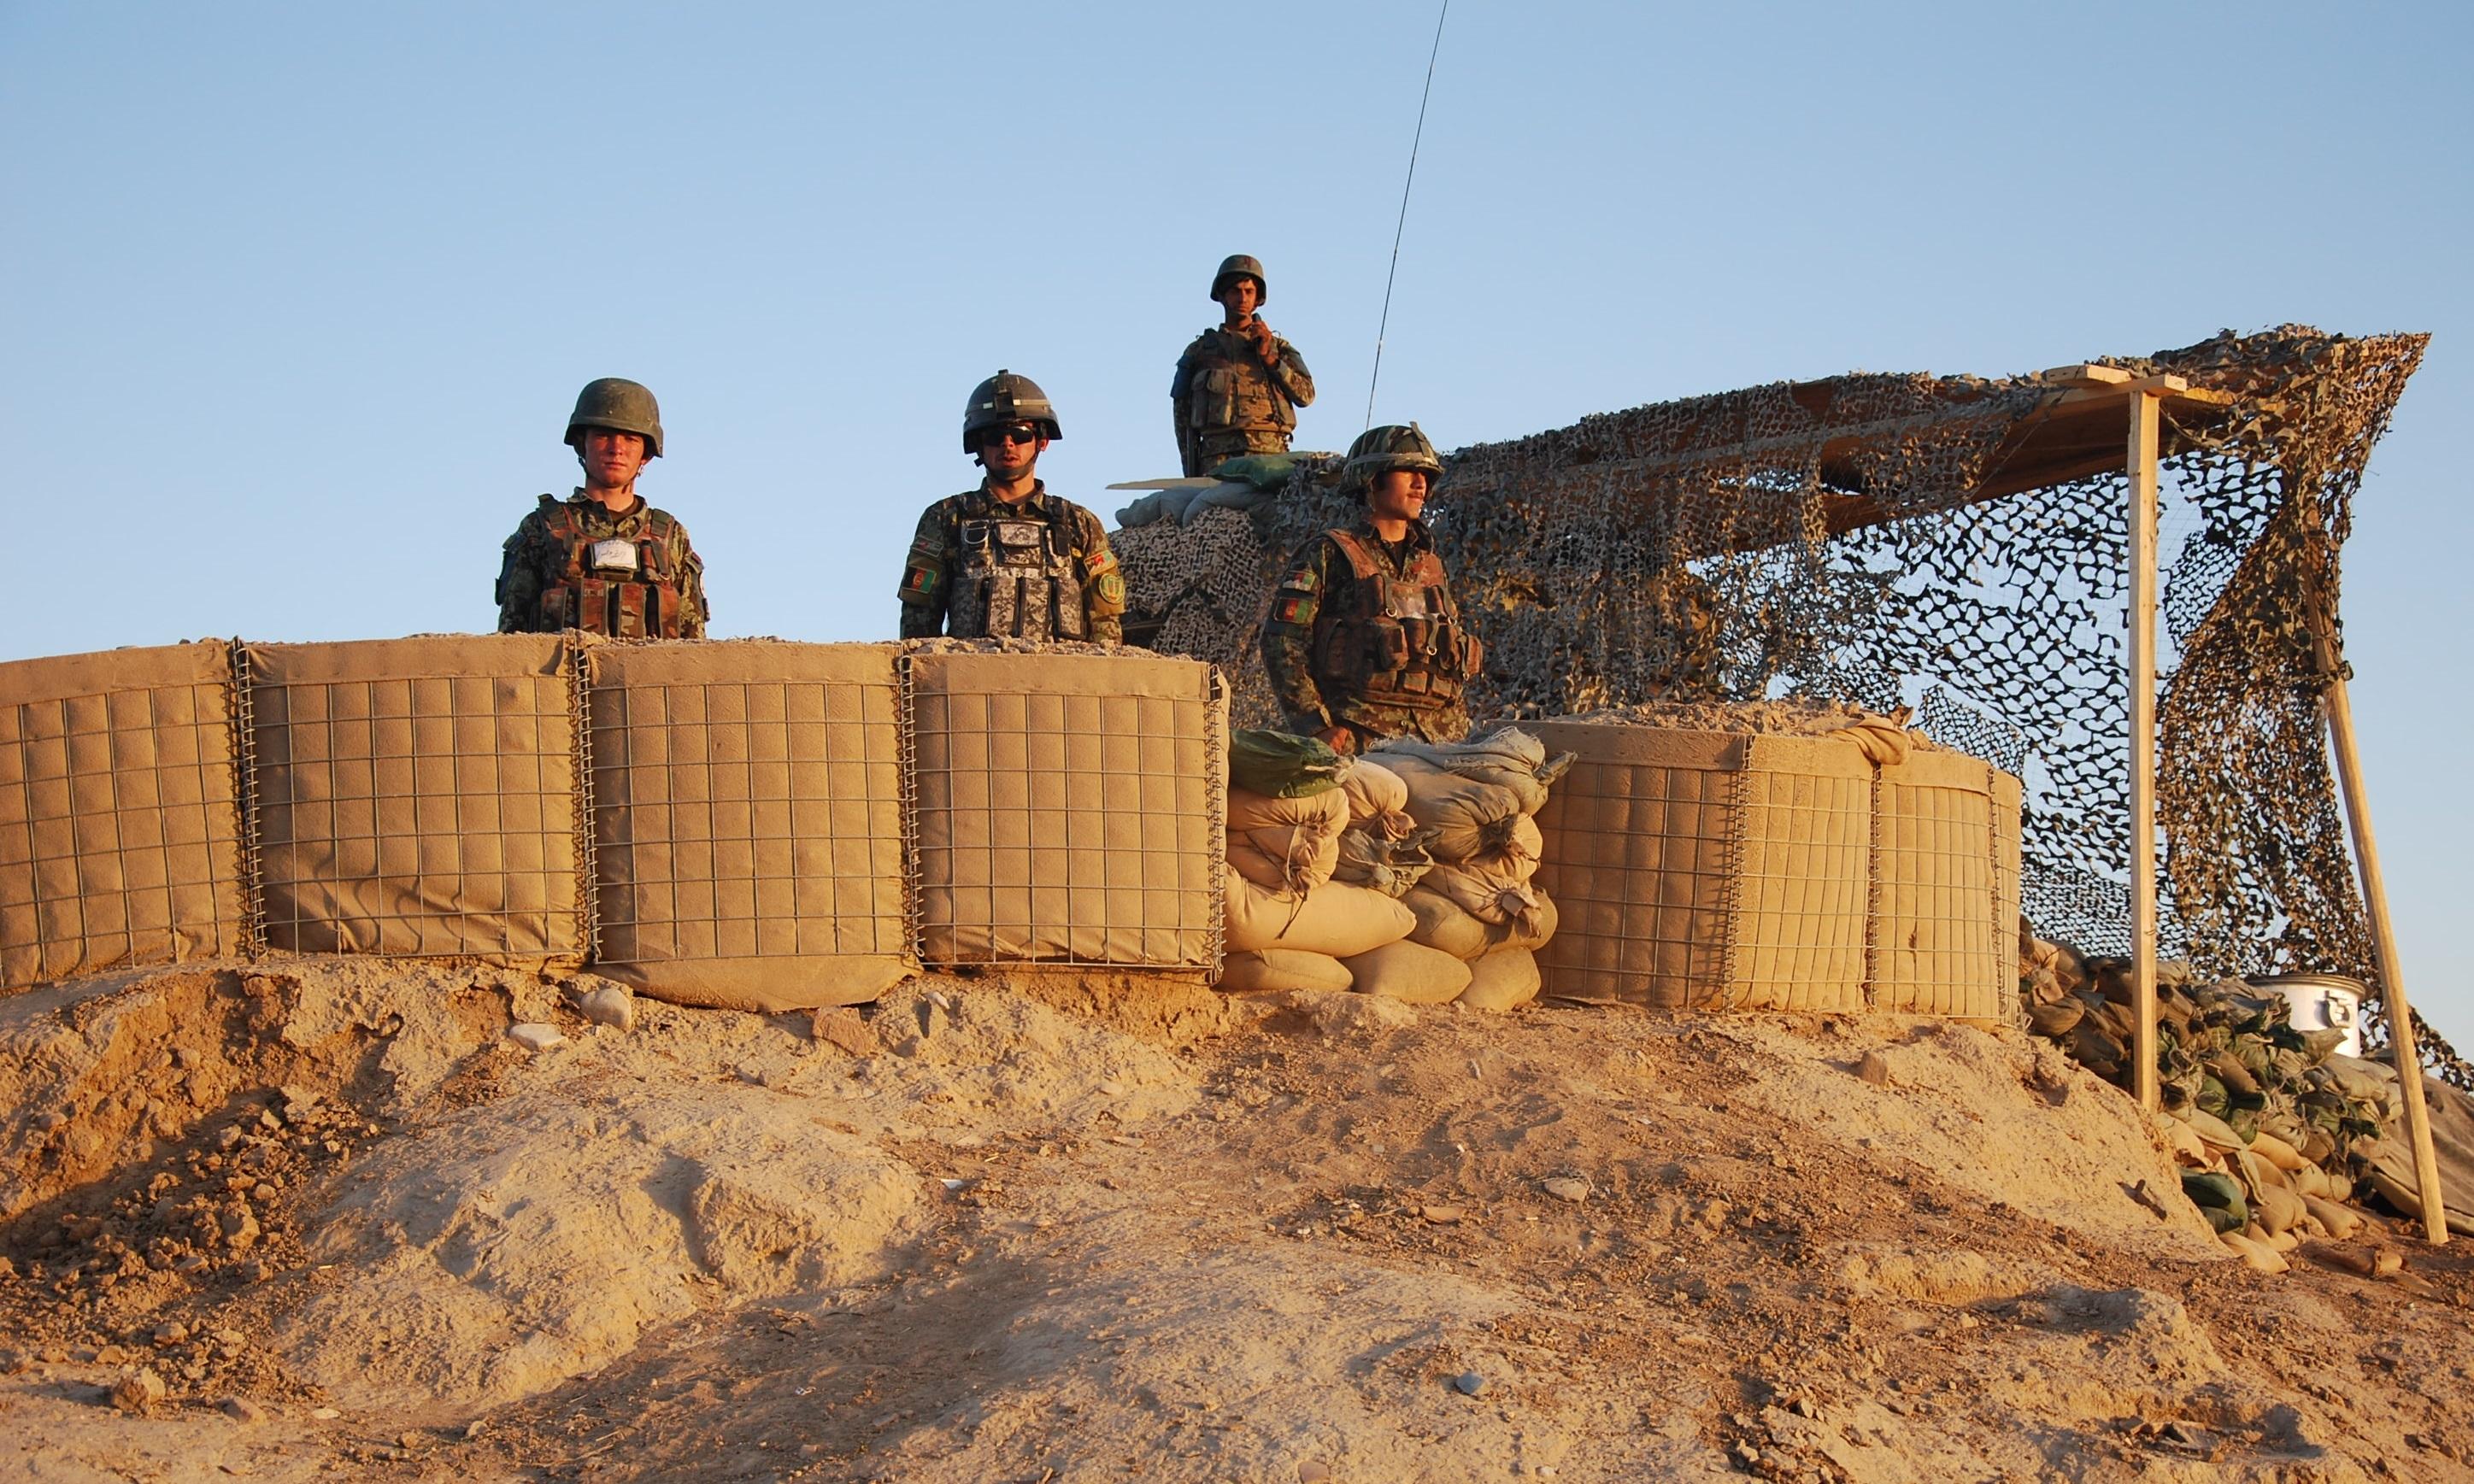 تصفیۀ ساحات بزرگی از افغانستان از وجود شبه نظامیان طی عملیات شفق